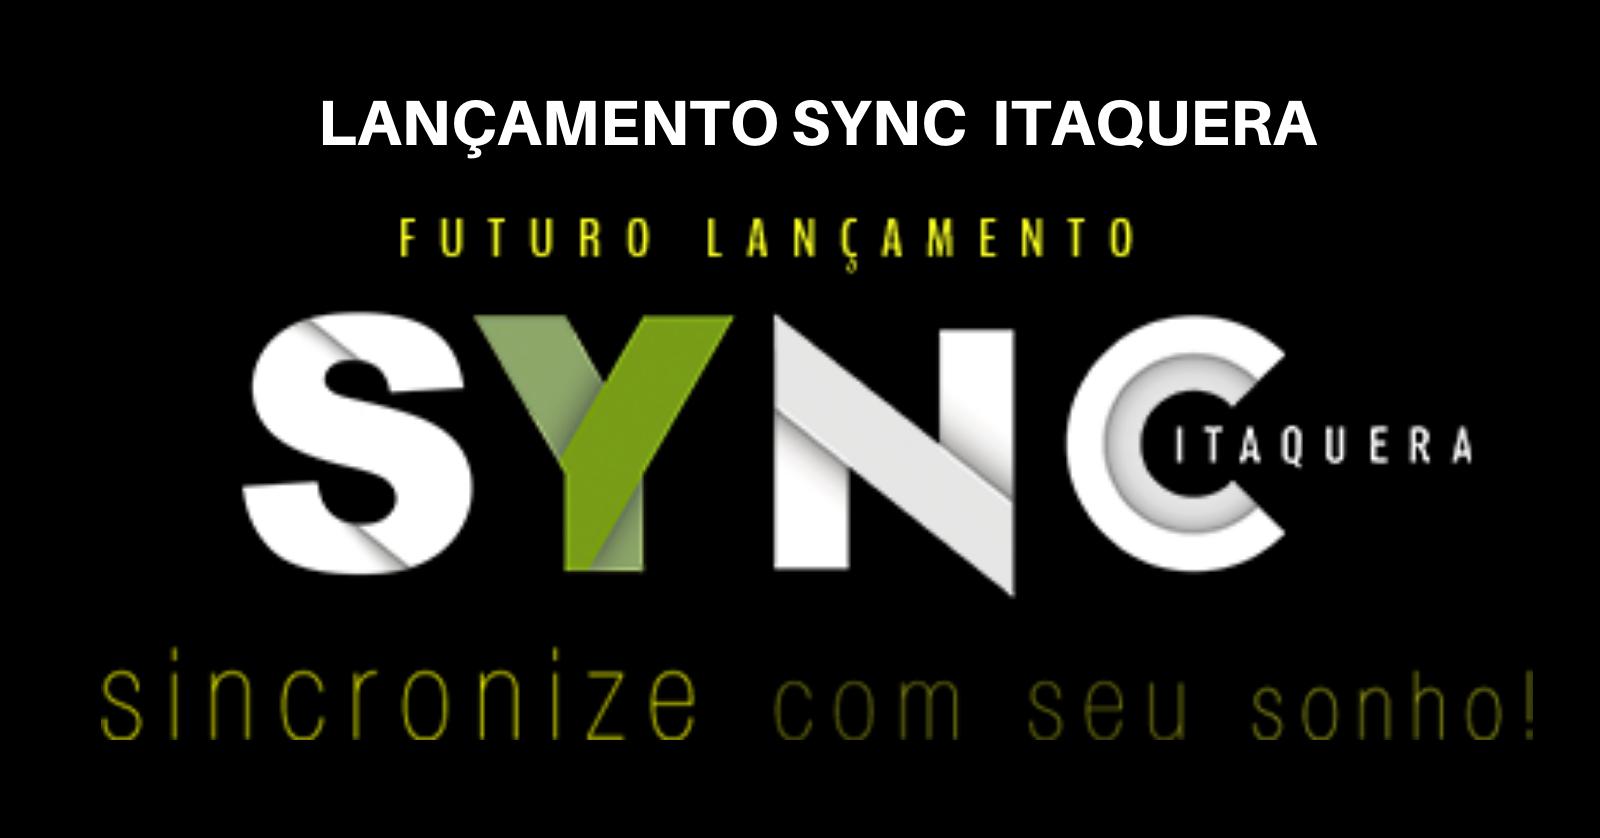 SYNC ITAQUERA